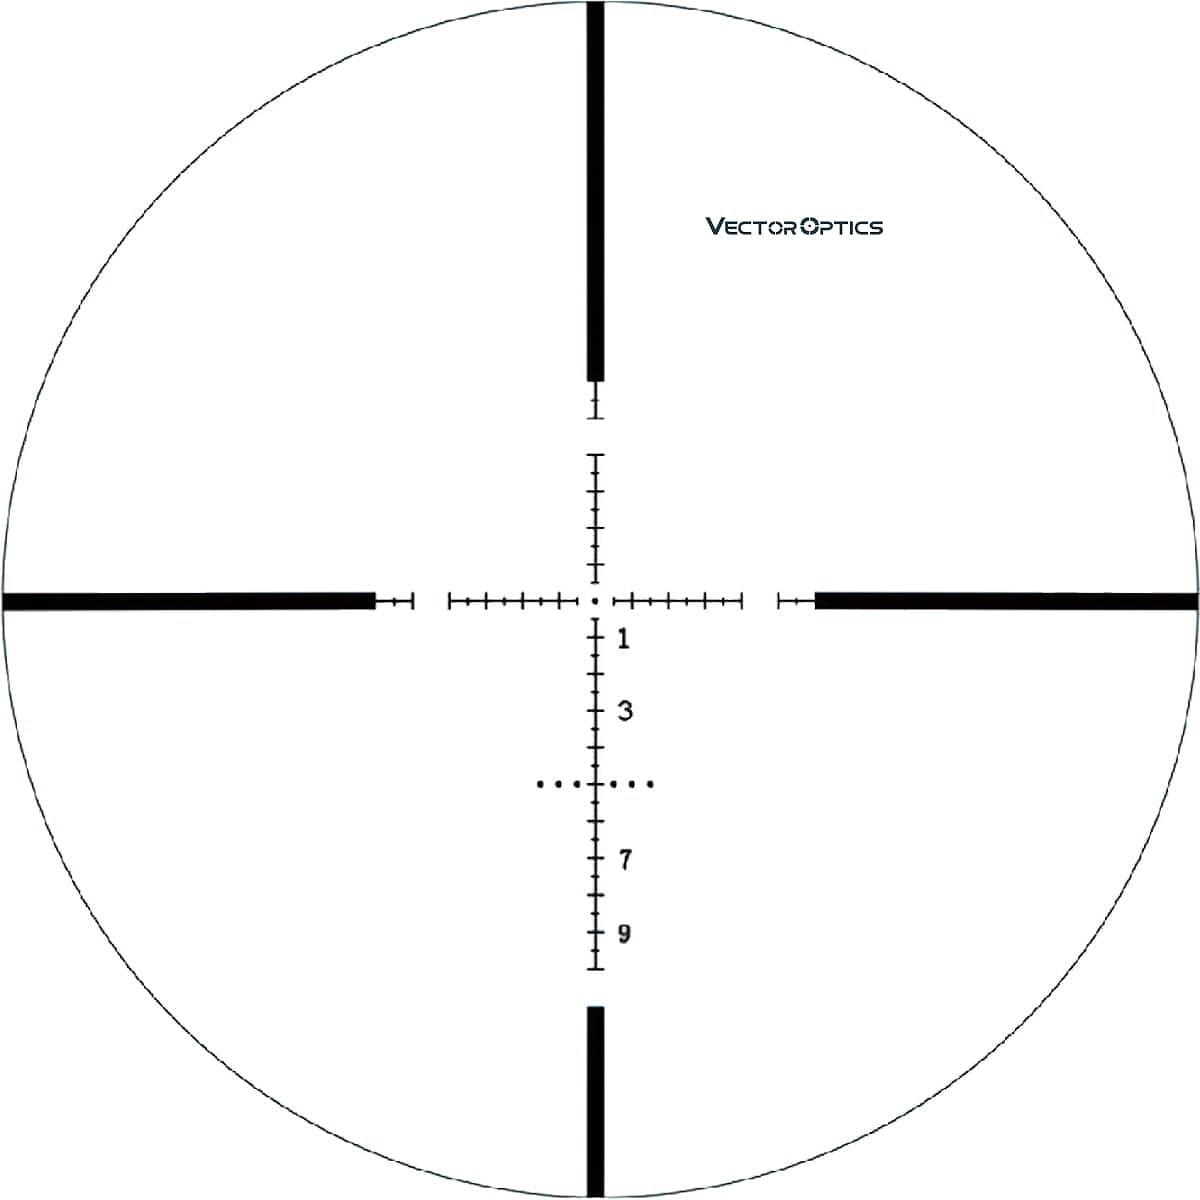 SCOL-15_reticle